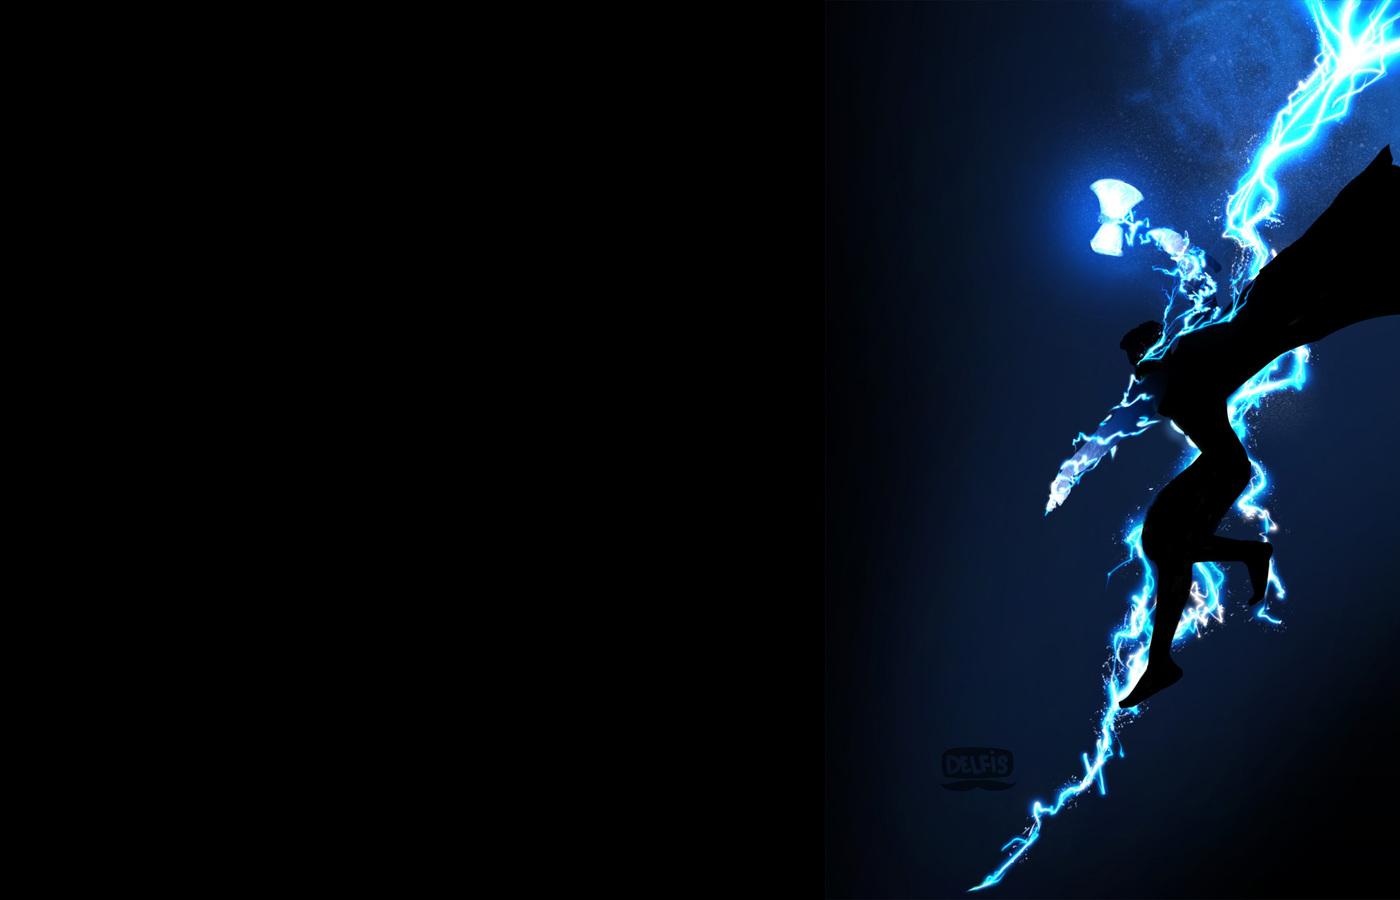 thor-god-of-thunder-4k-a1.jpg